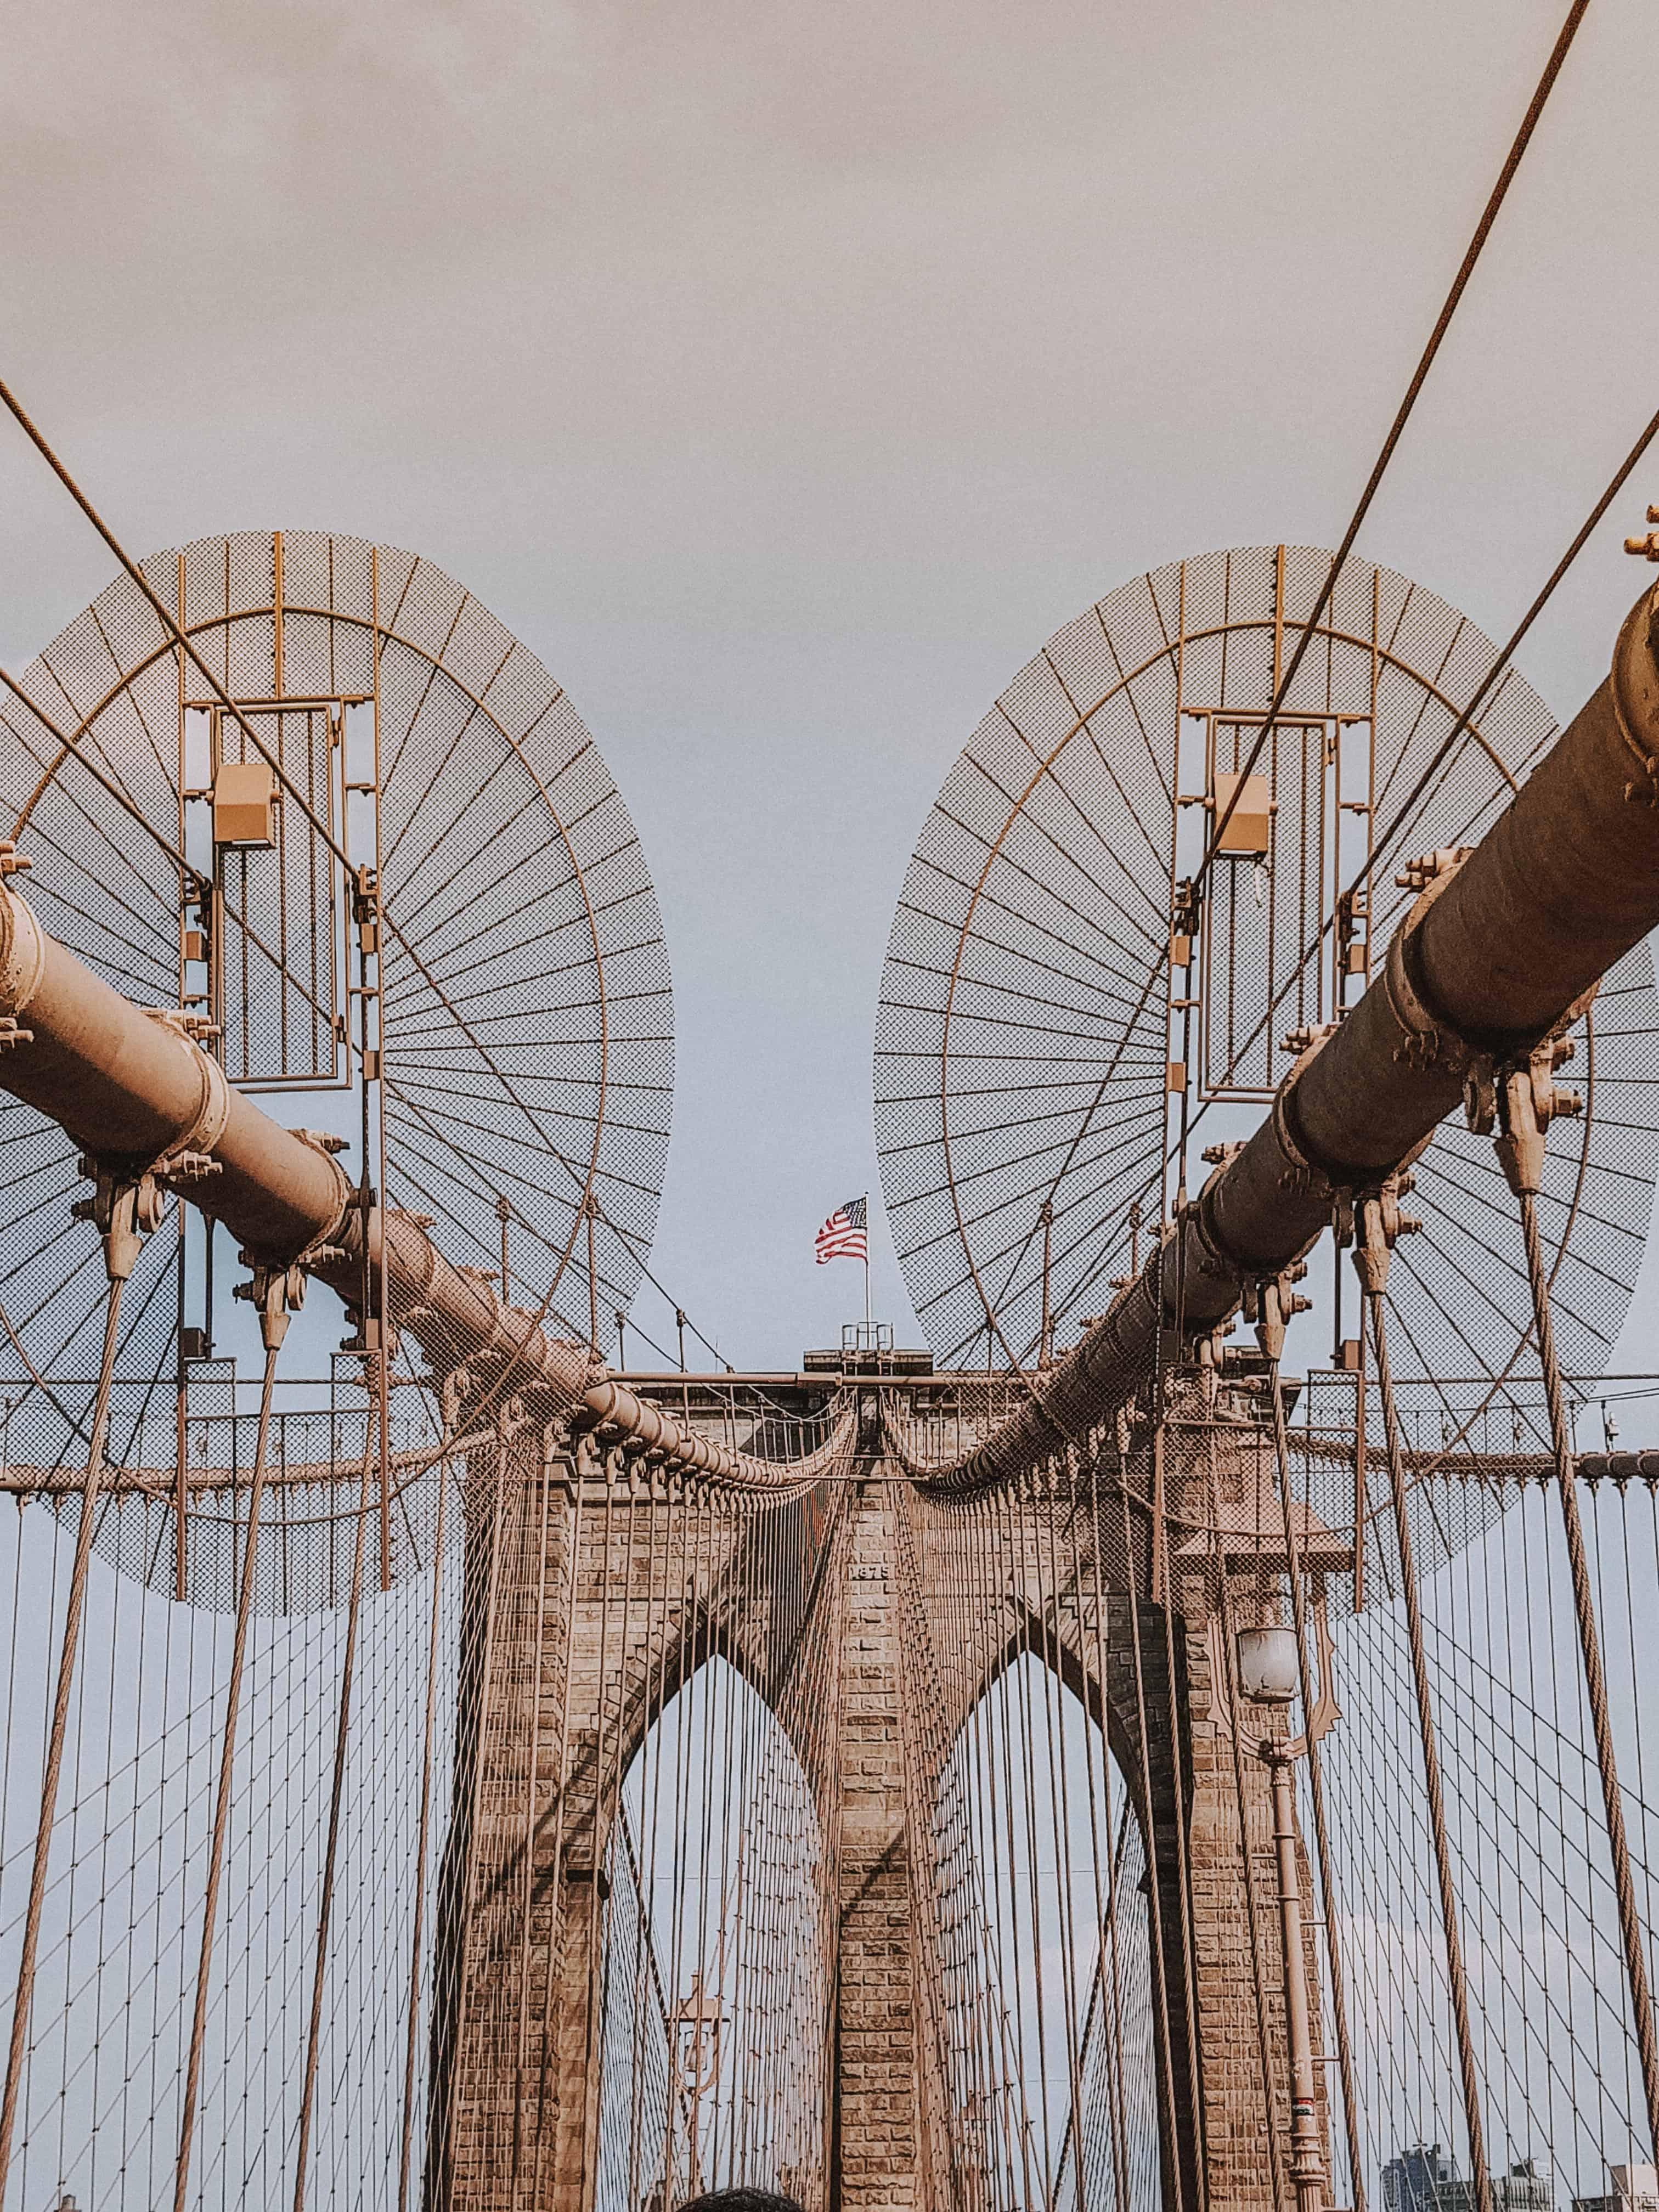 scrap metal large bridge